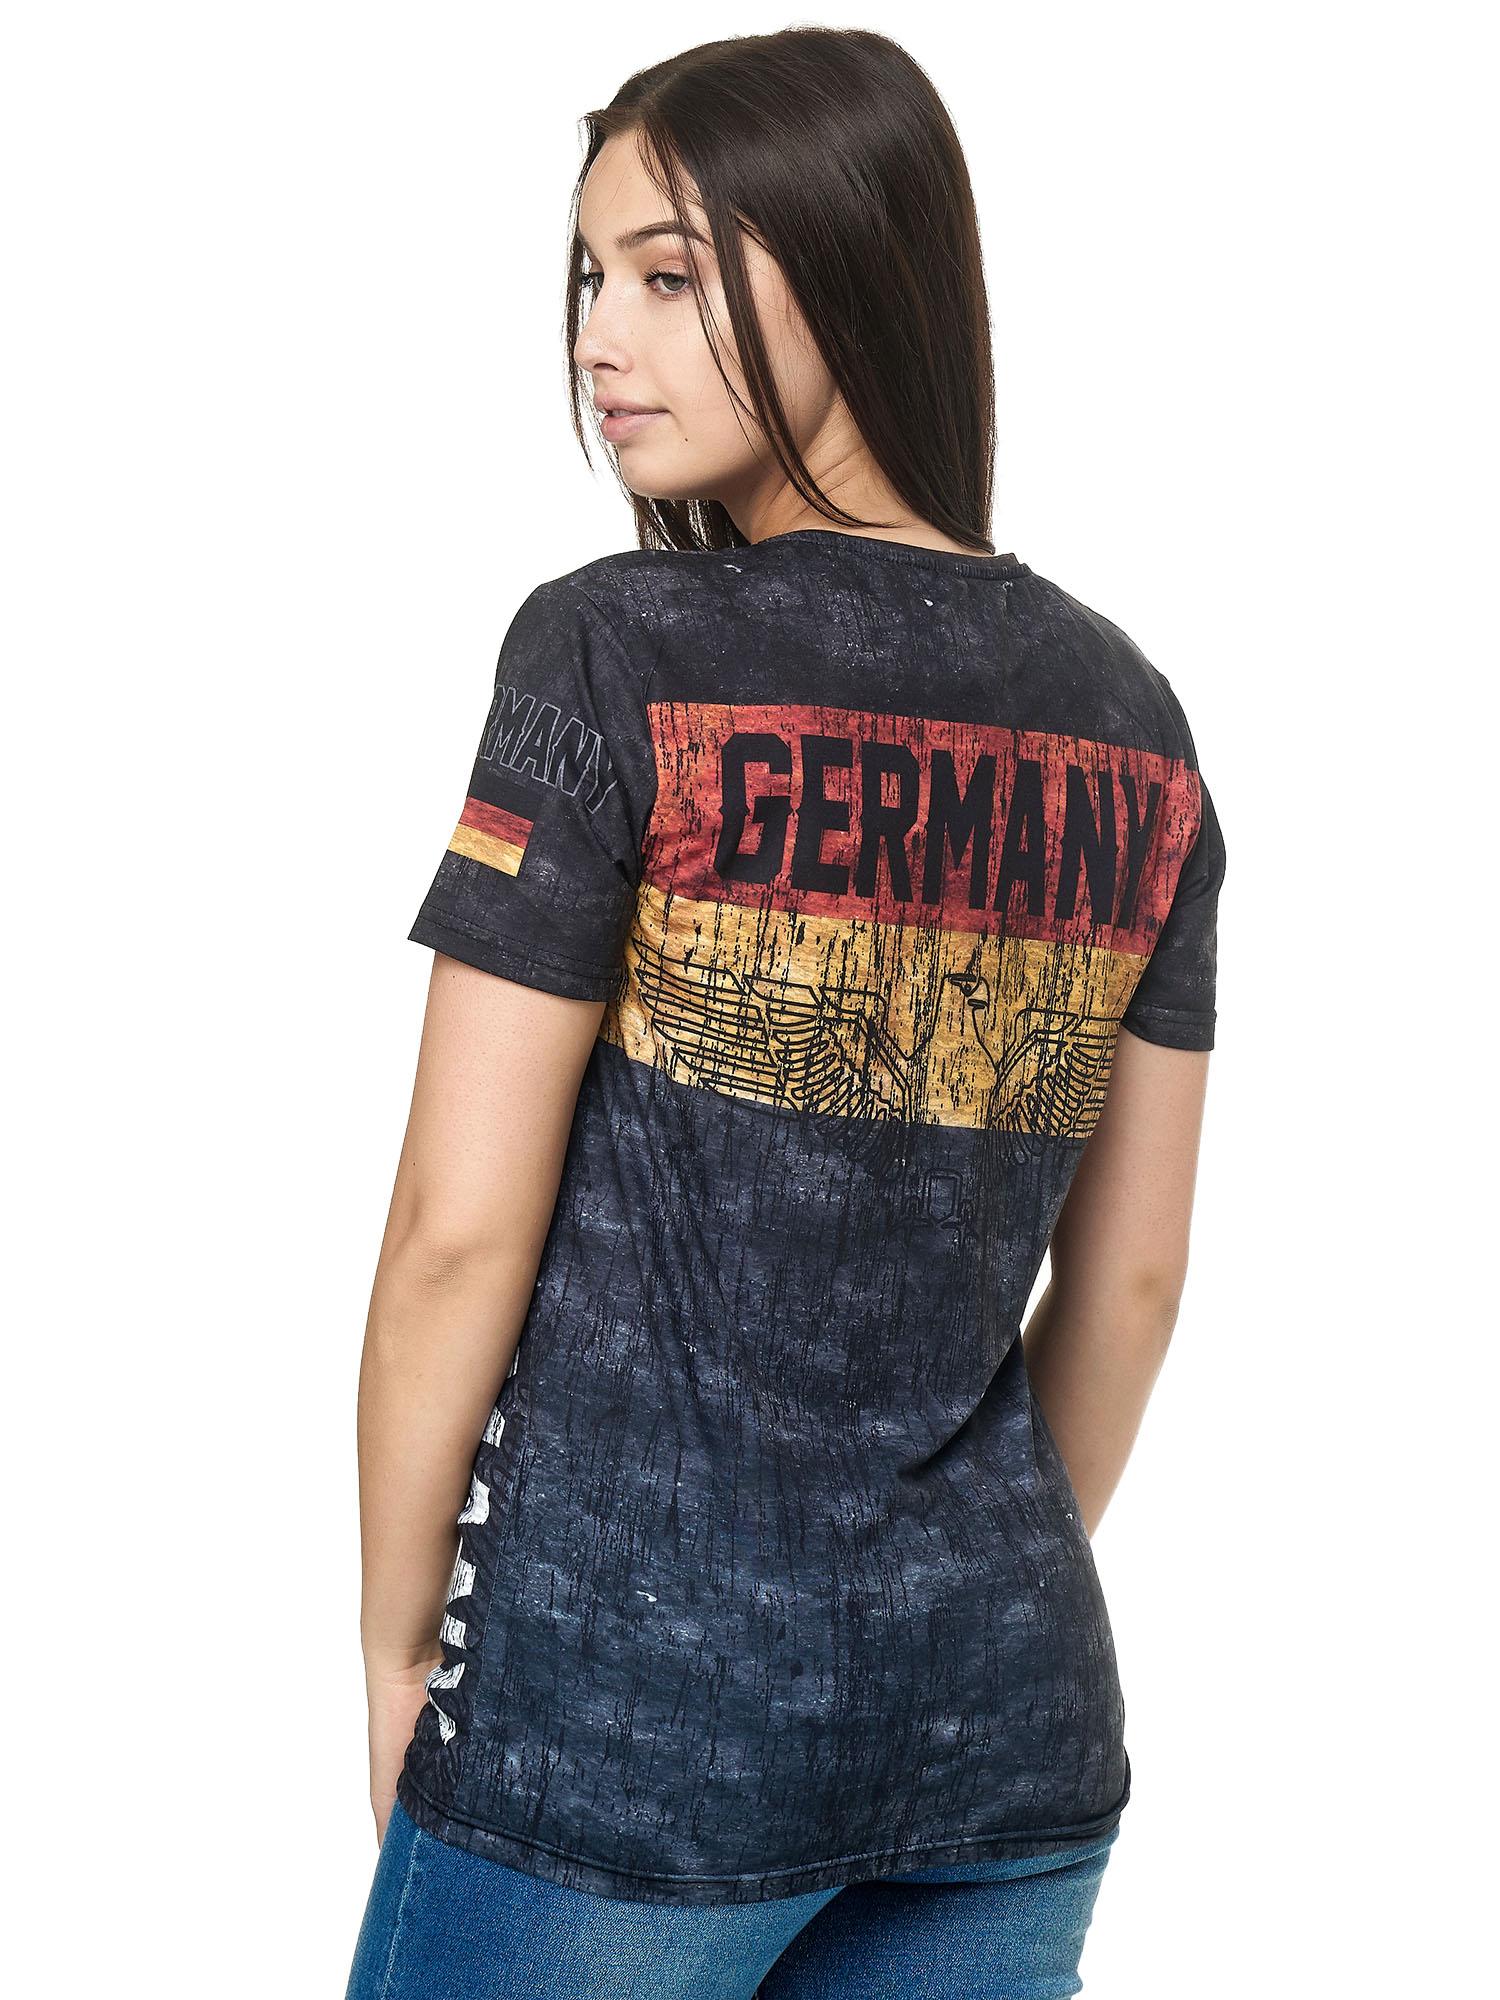 Paesi-da-Donna-T-shirt-A-Maniche-Corte-Girocollo-donne-CALCIO-Fanshirt-John-Kayna miniatura 49